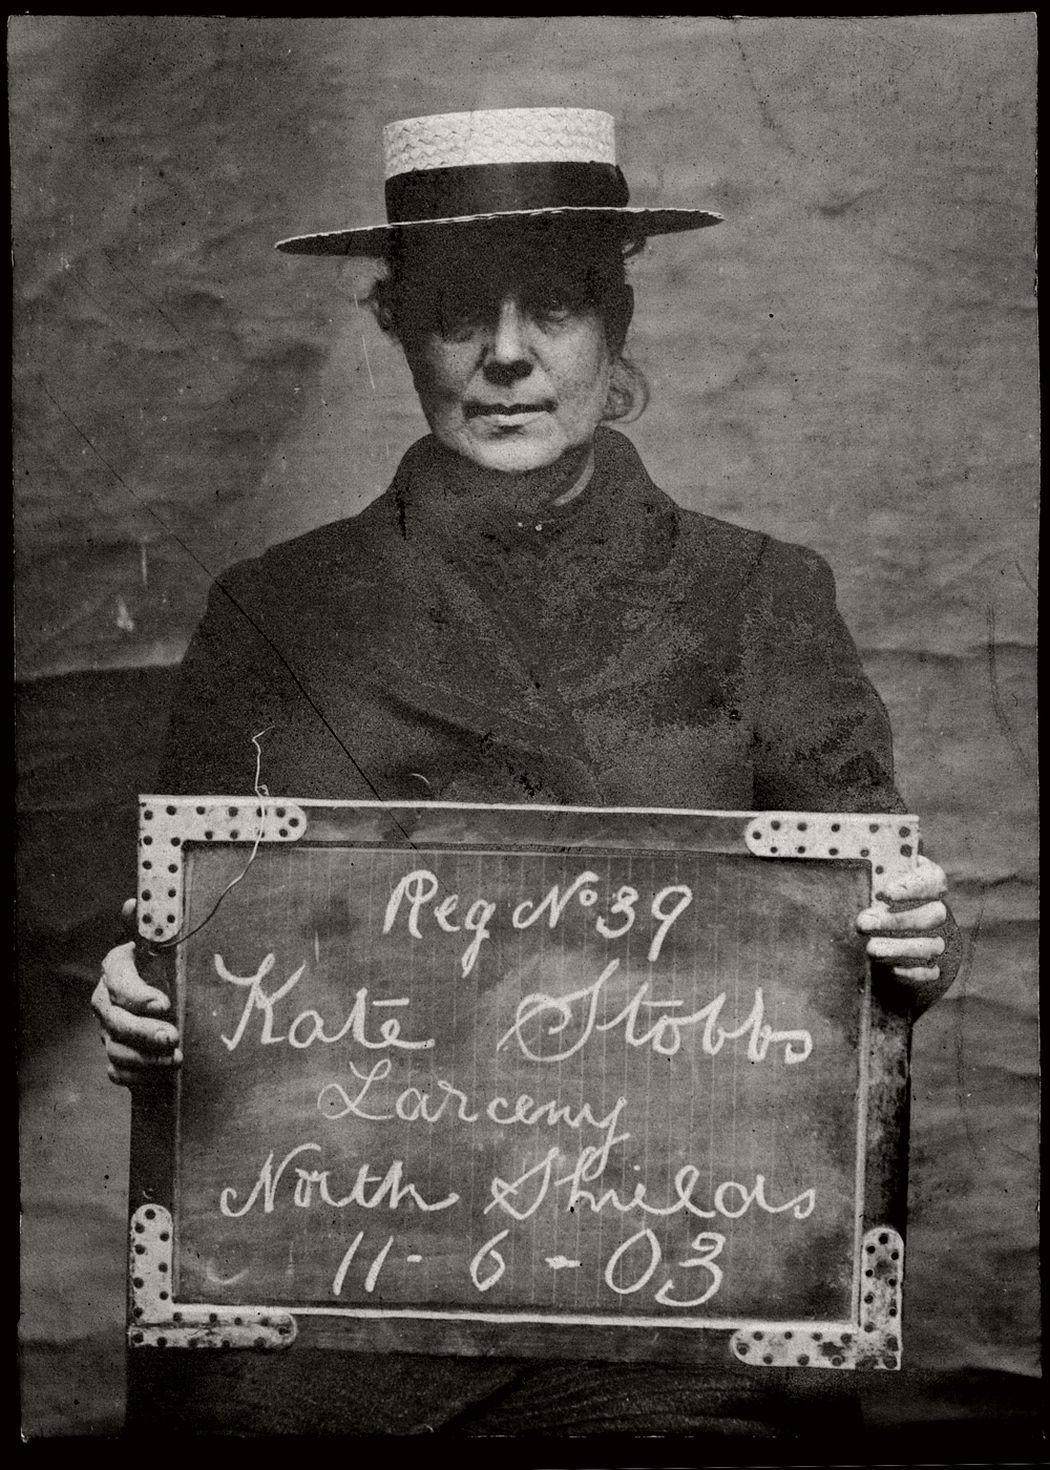 vintage-mug-shot-of-women-criminals-from-north-shields-1903-1905-10